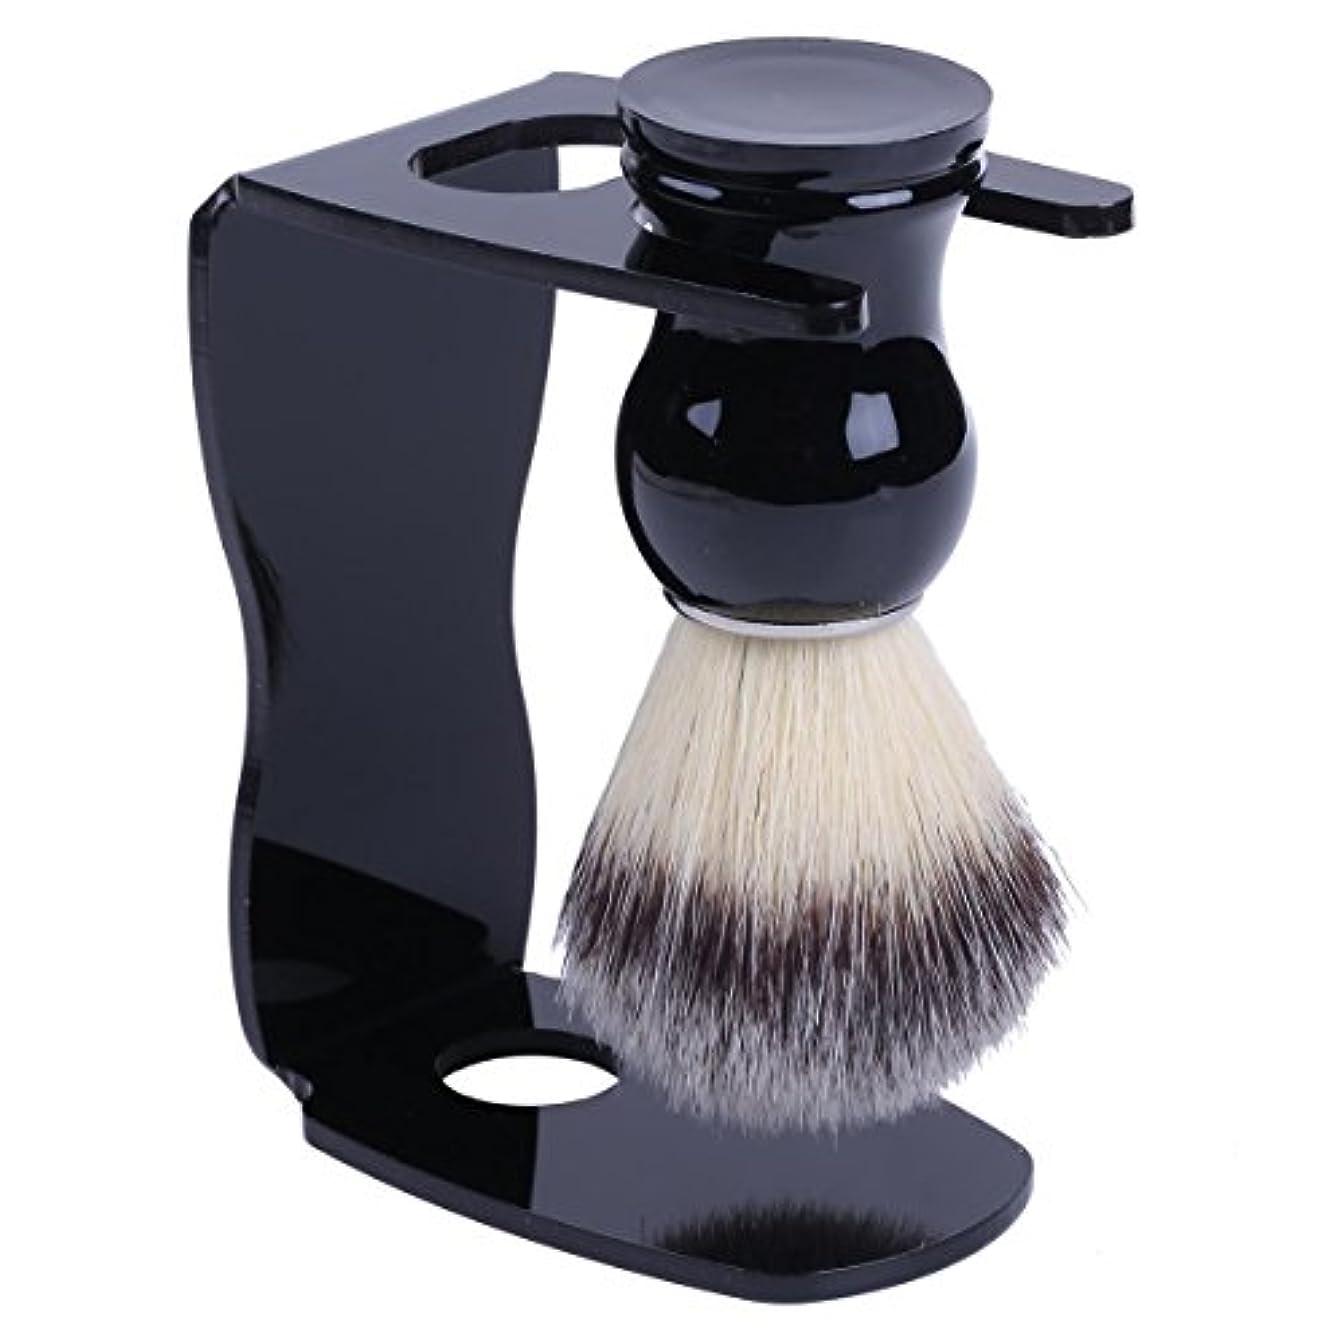 消毒する調和以上泡立ちが違う アナグマ 毛100% スタンド付き シェービング ブラシ /髭剃り 洗顔 理容 マッサージ 美容 効果